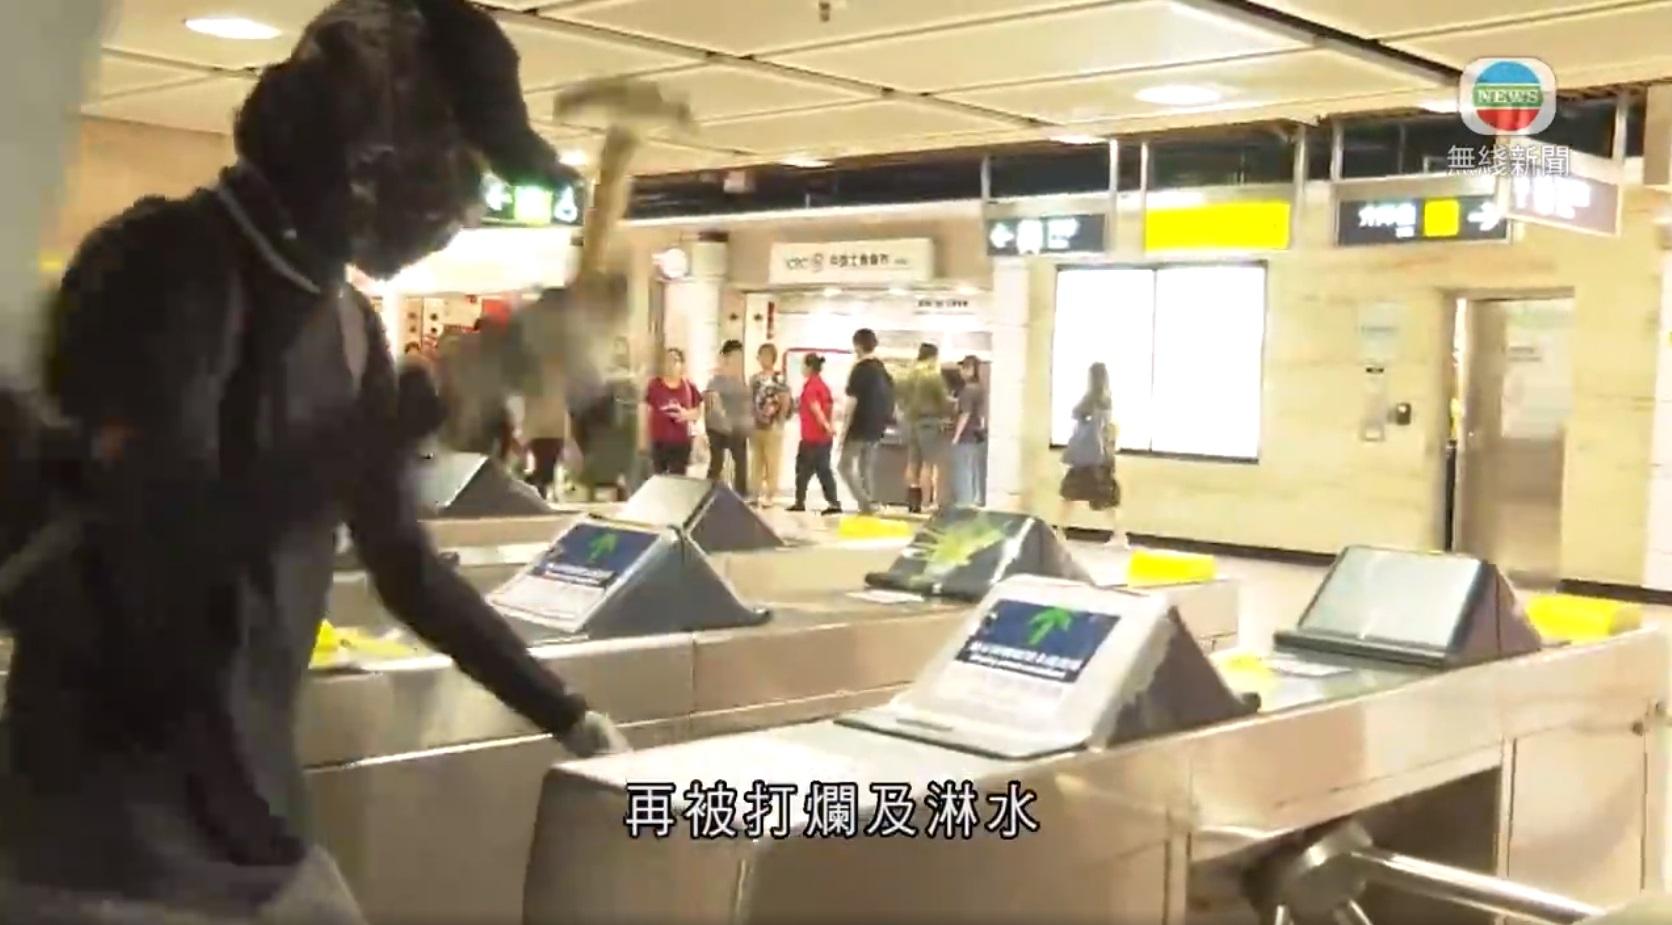 沙田站被人破壞。TVB新聞截圖